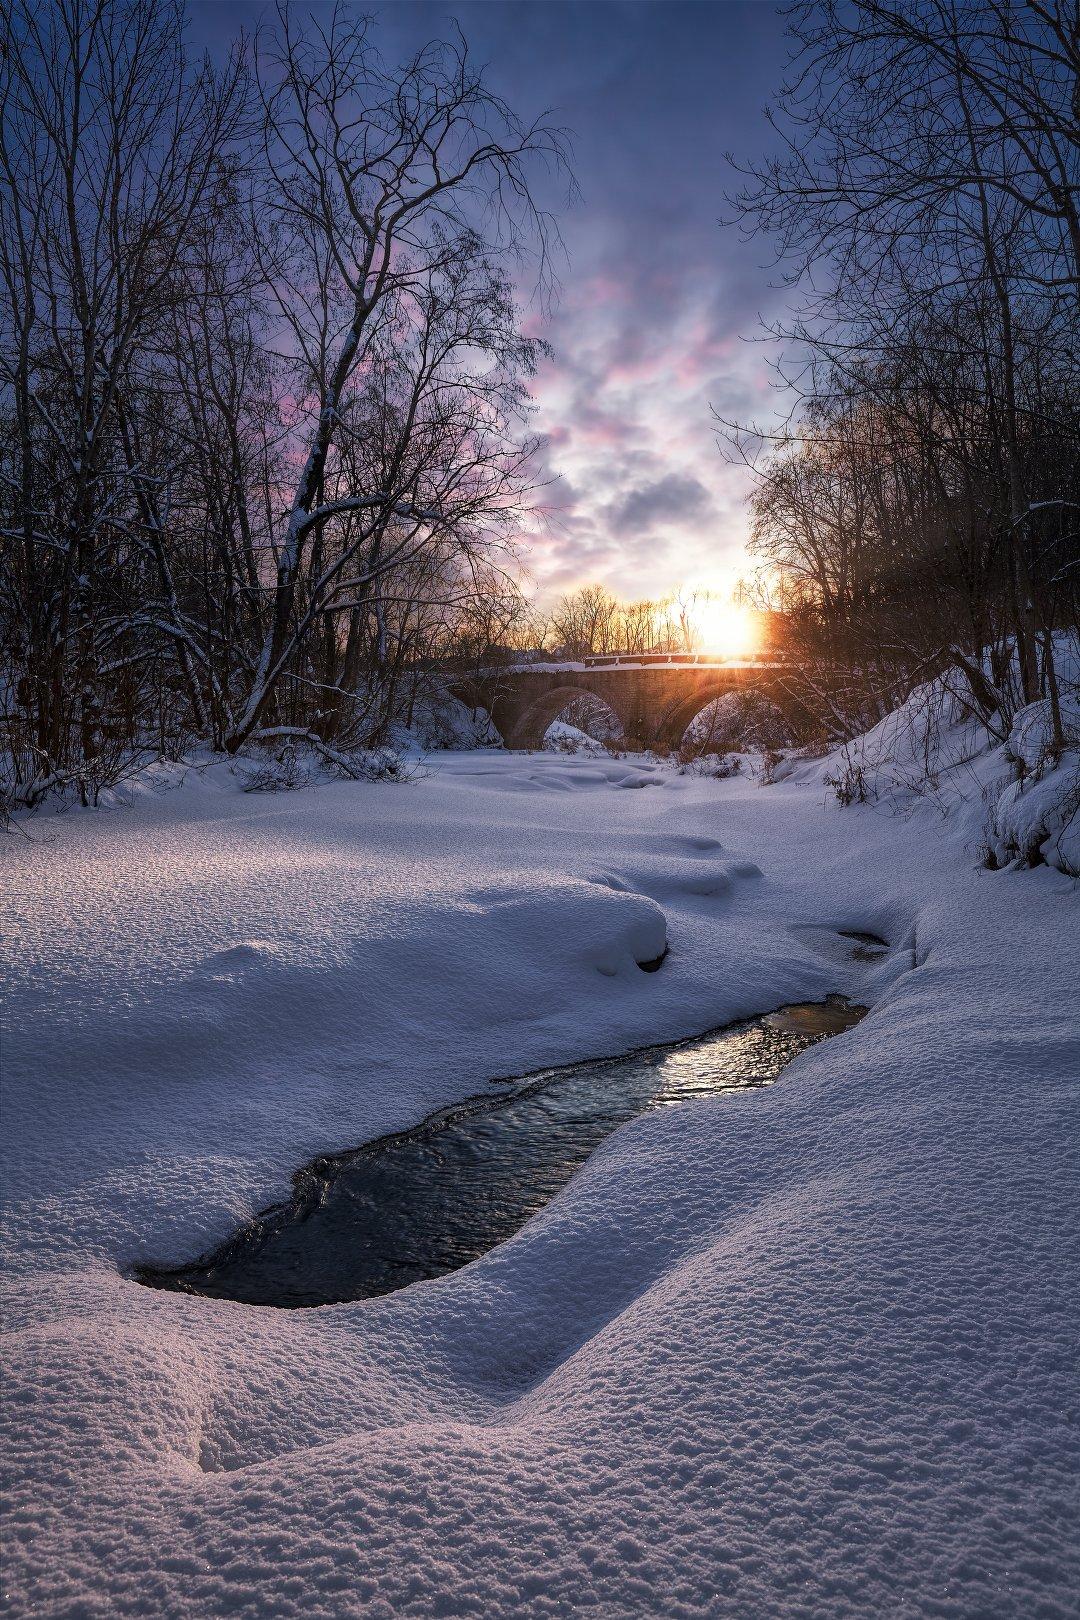 река лава, зима, закат, ленинградская область, KrubeK